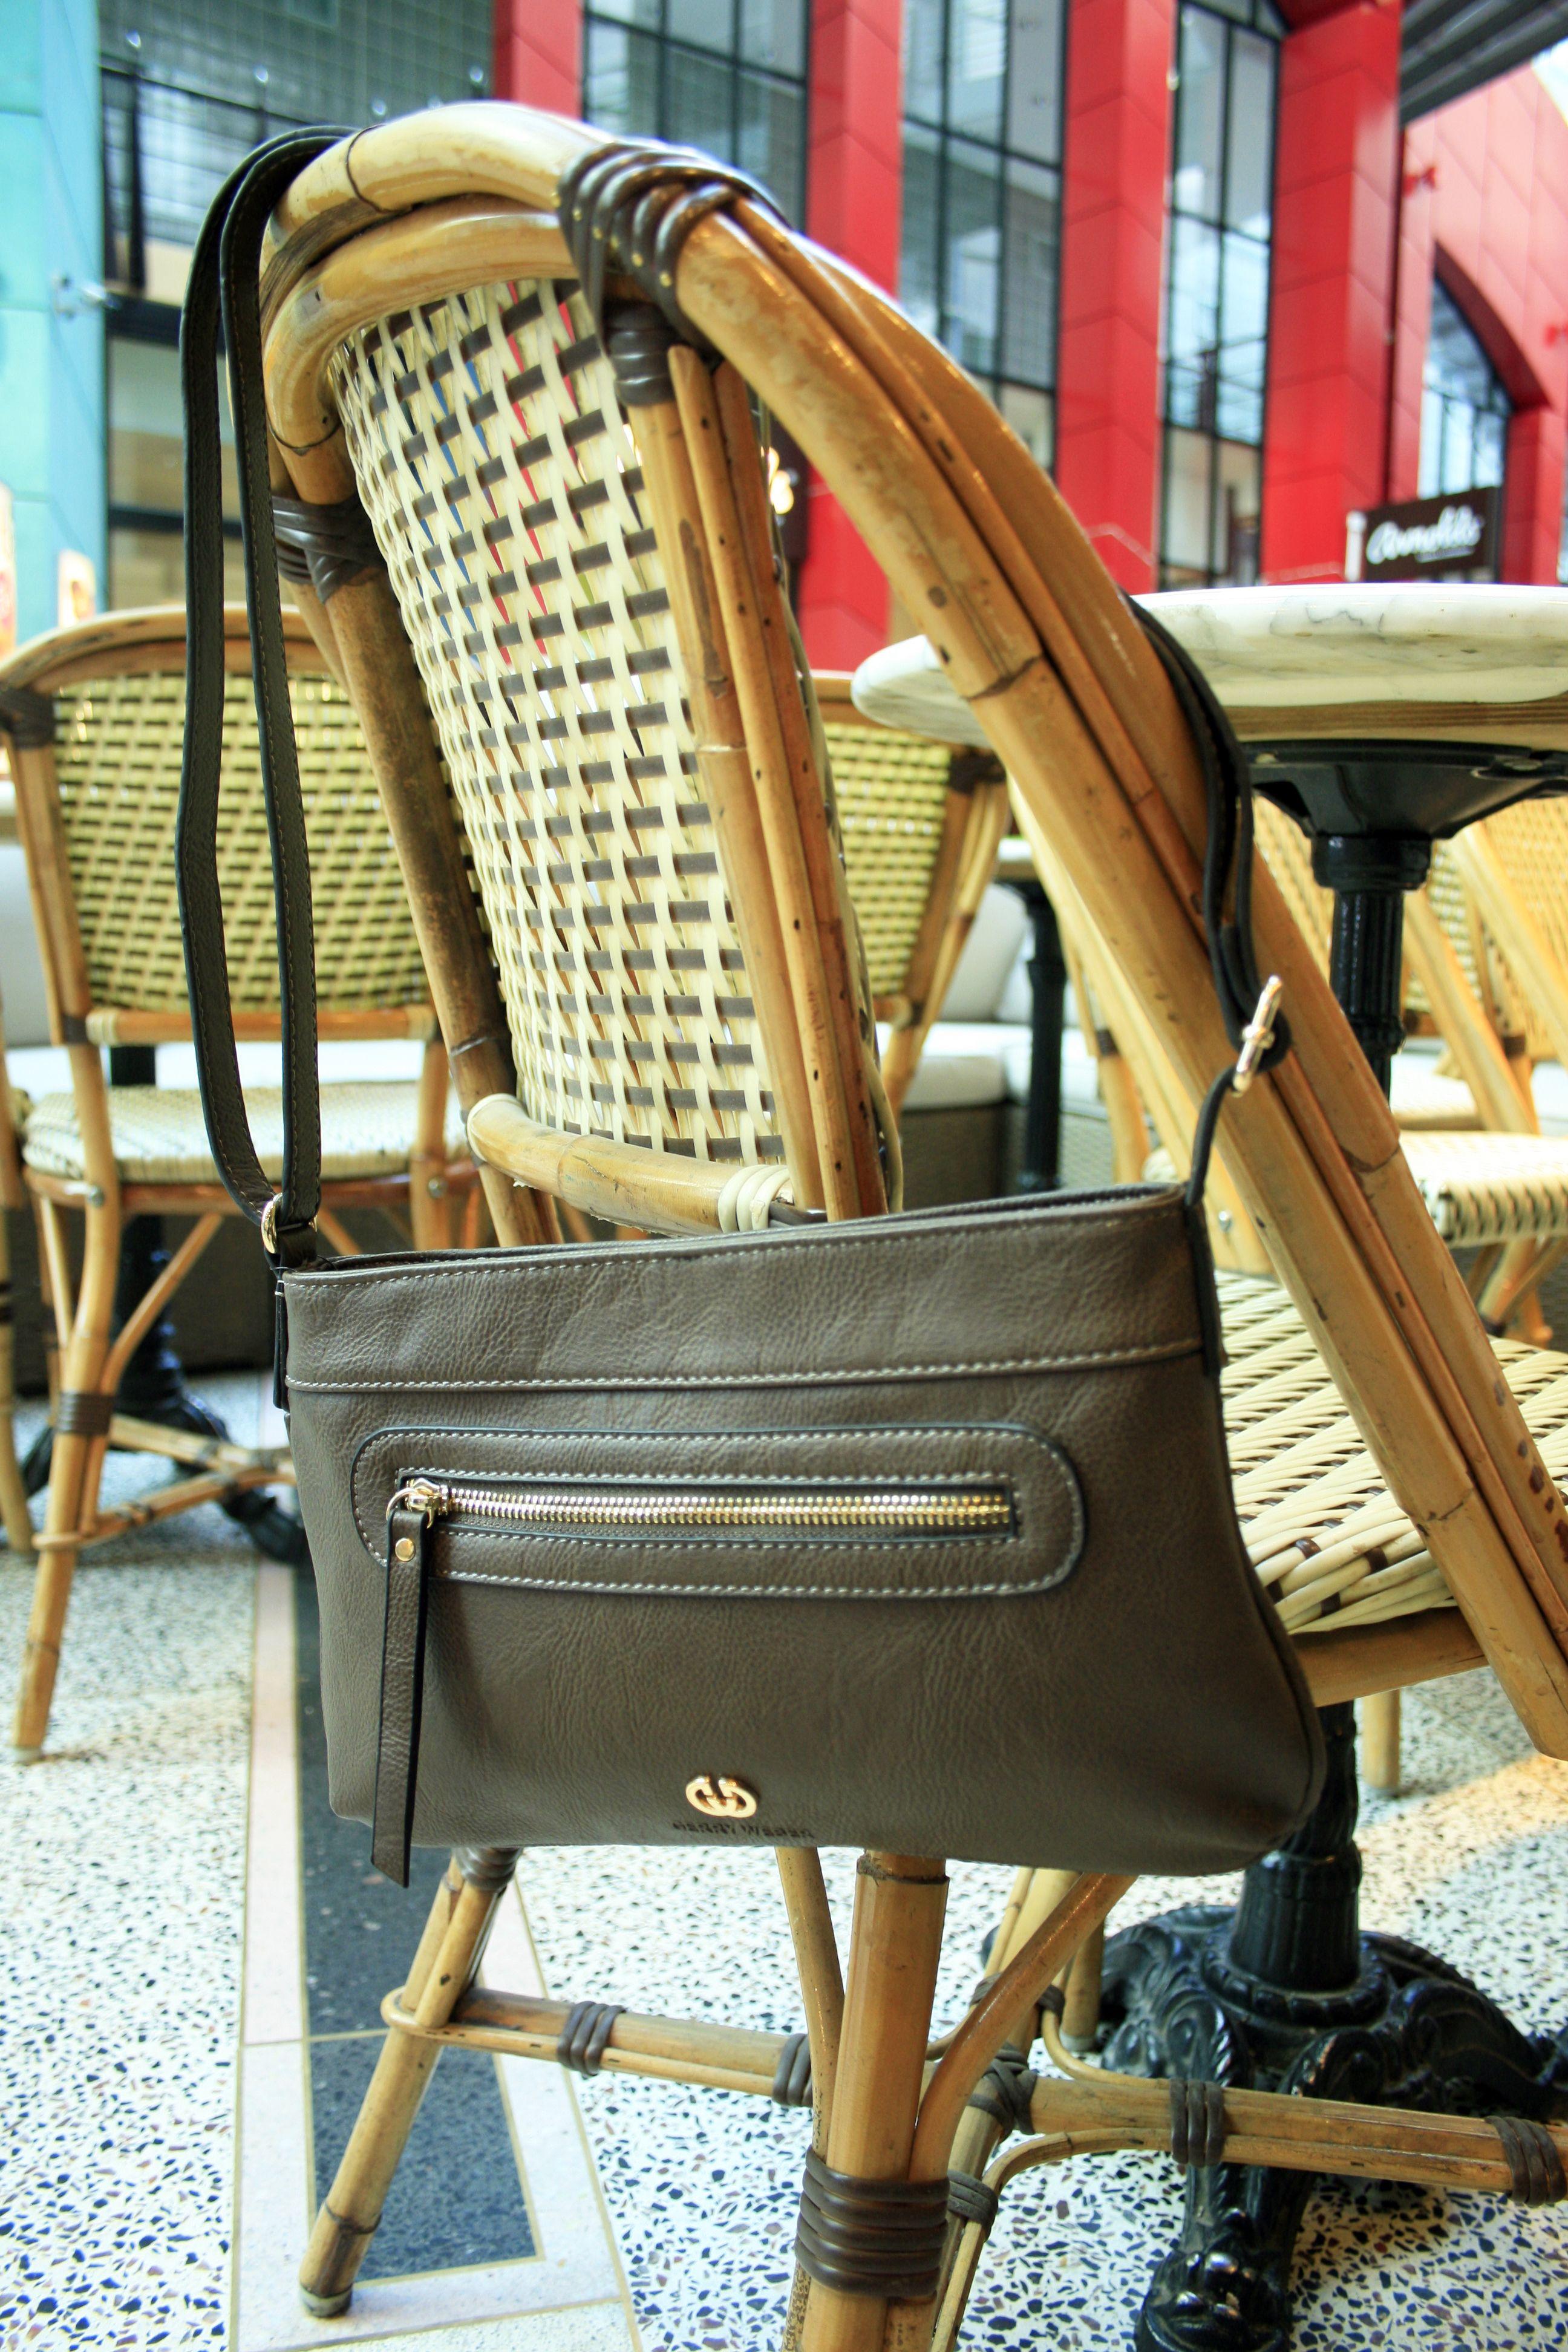 Gerry Weberin Evergreen-malliston laukku sopii niin arkeen kuin juhlavampiinkin tilanteisiin. Laukussa on säädettävä olkahihna ja laukun metalliosat ovat kullanvärisiä.